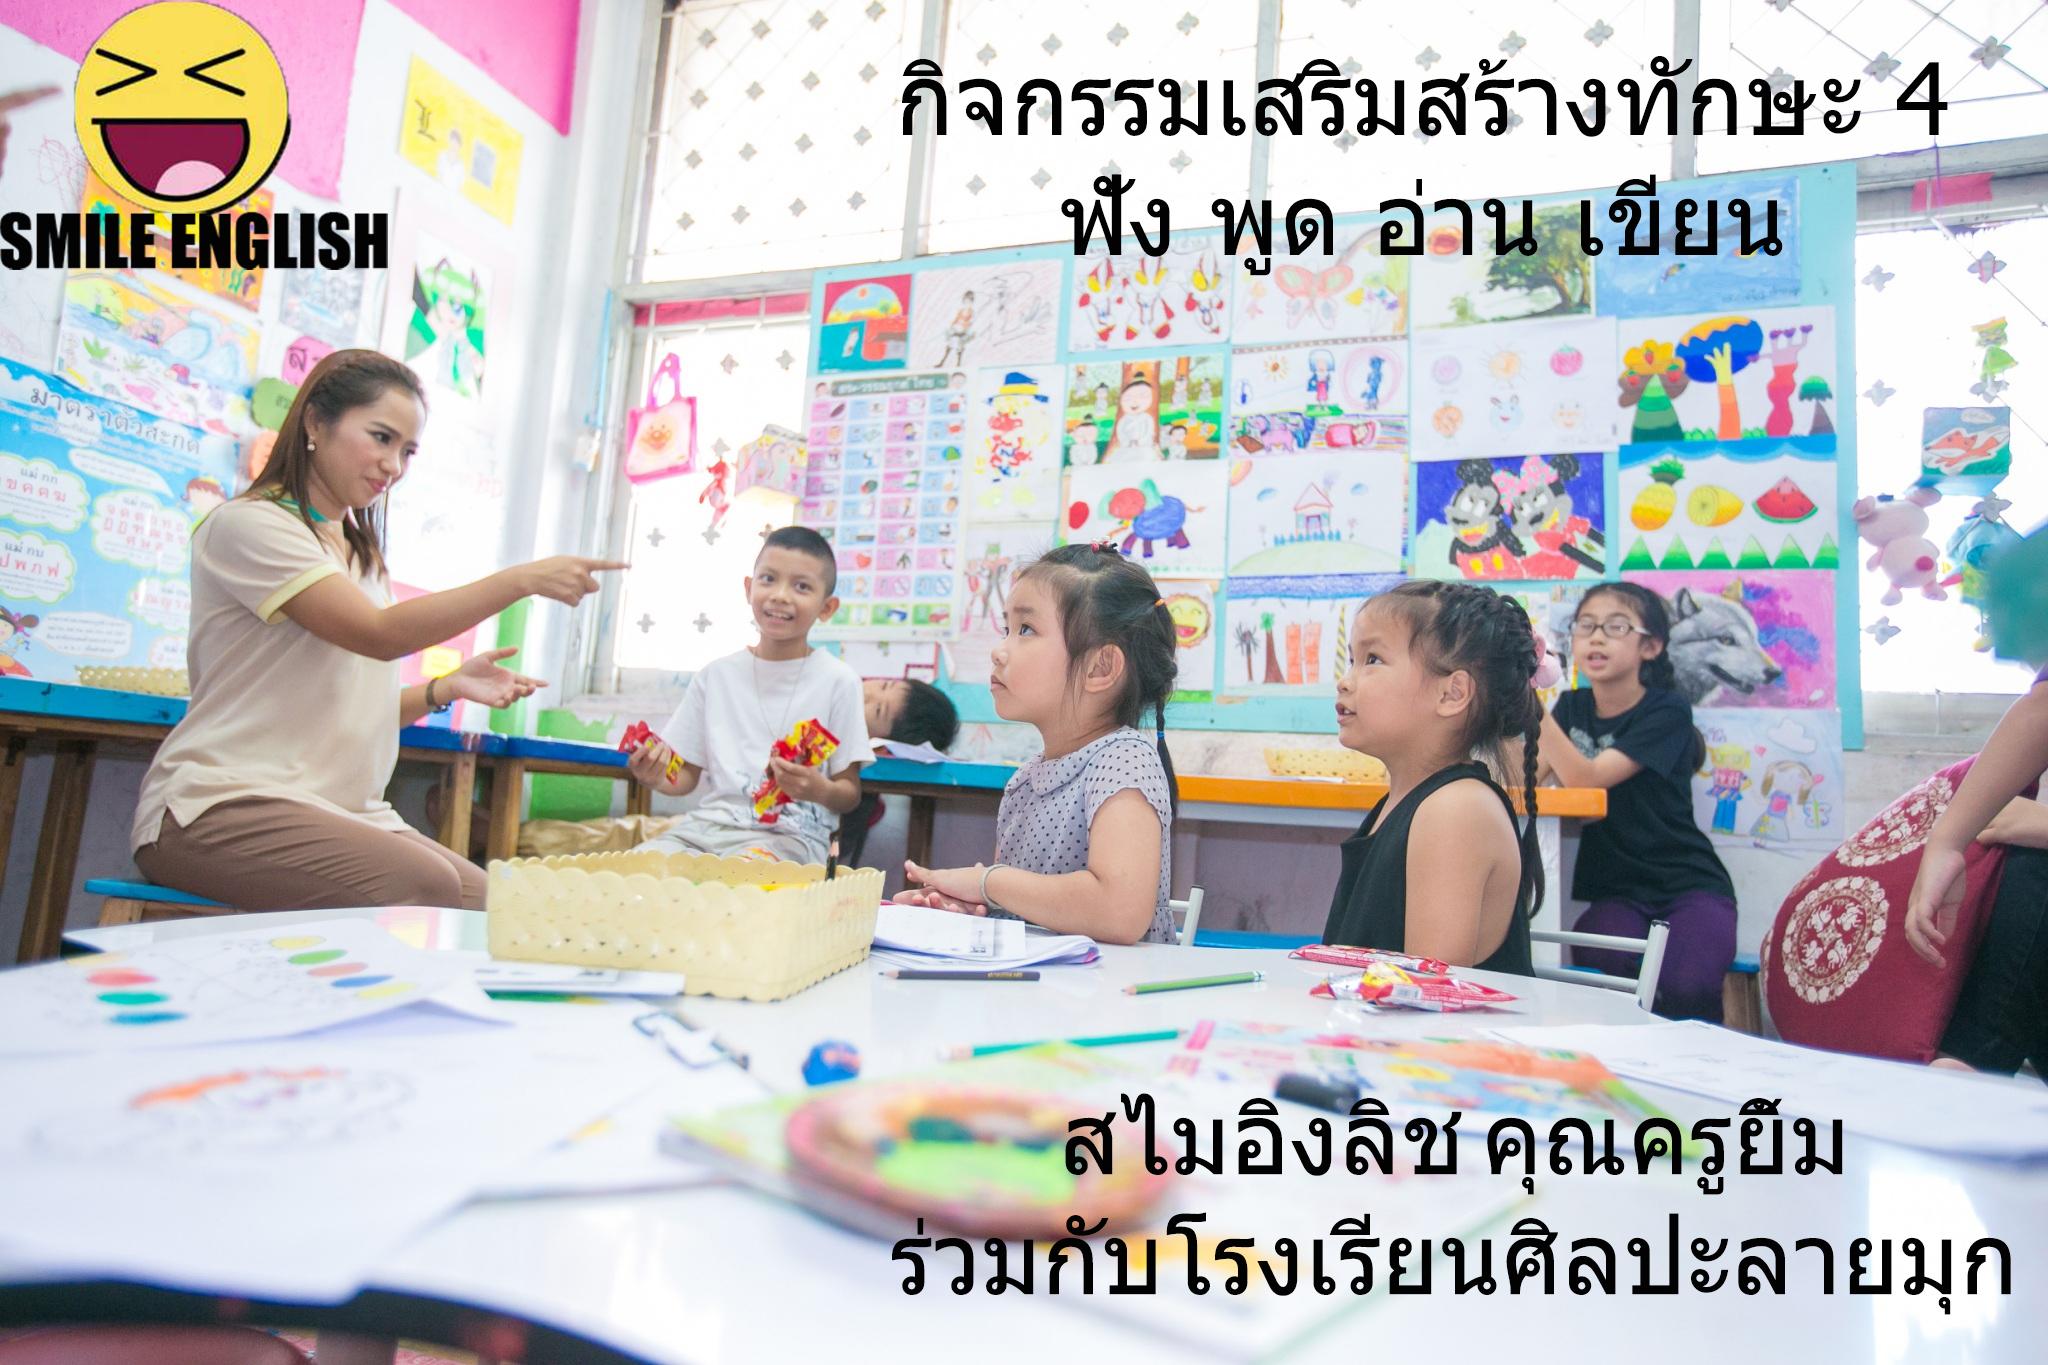 English Level 1 – สอนภาษาอังกฤษ ลพบุรี